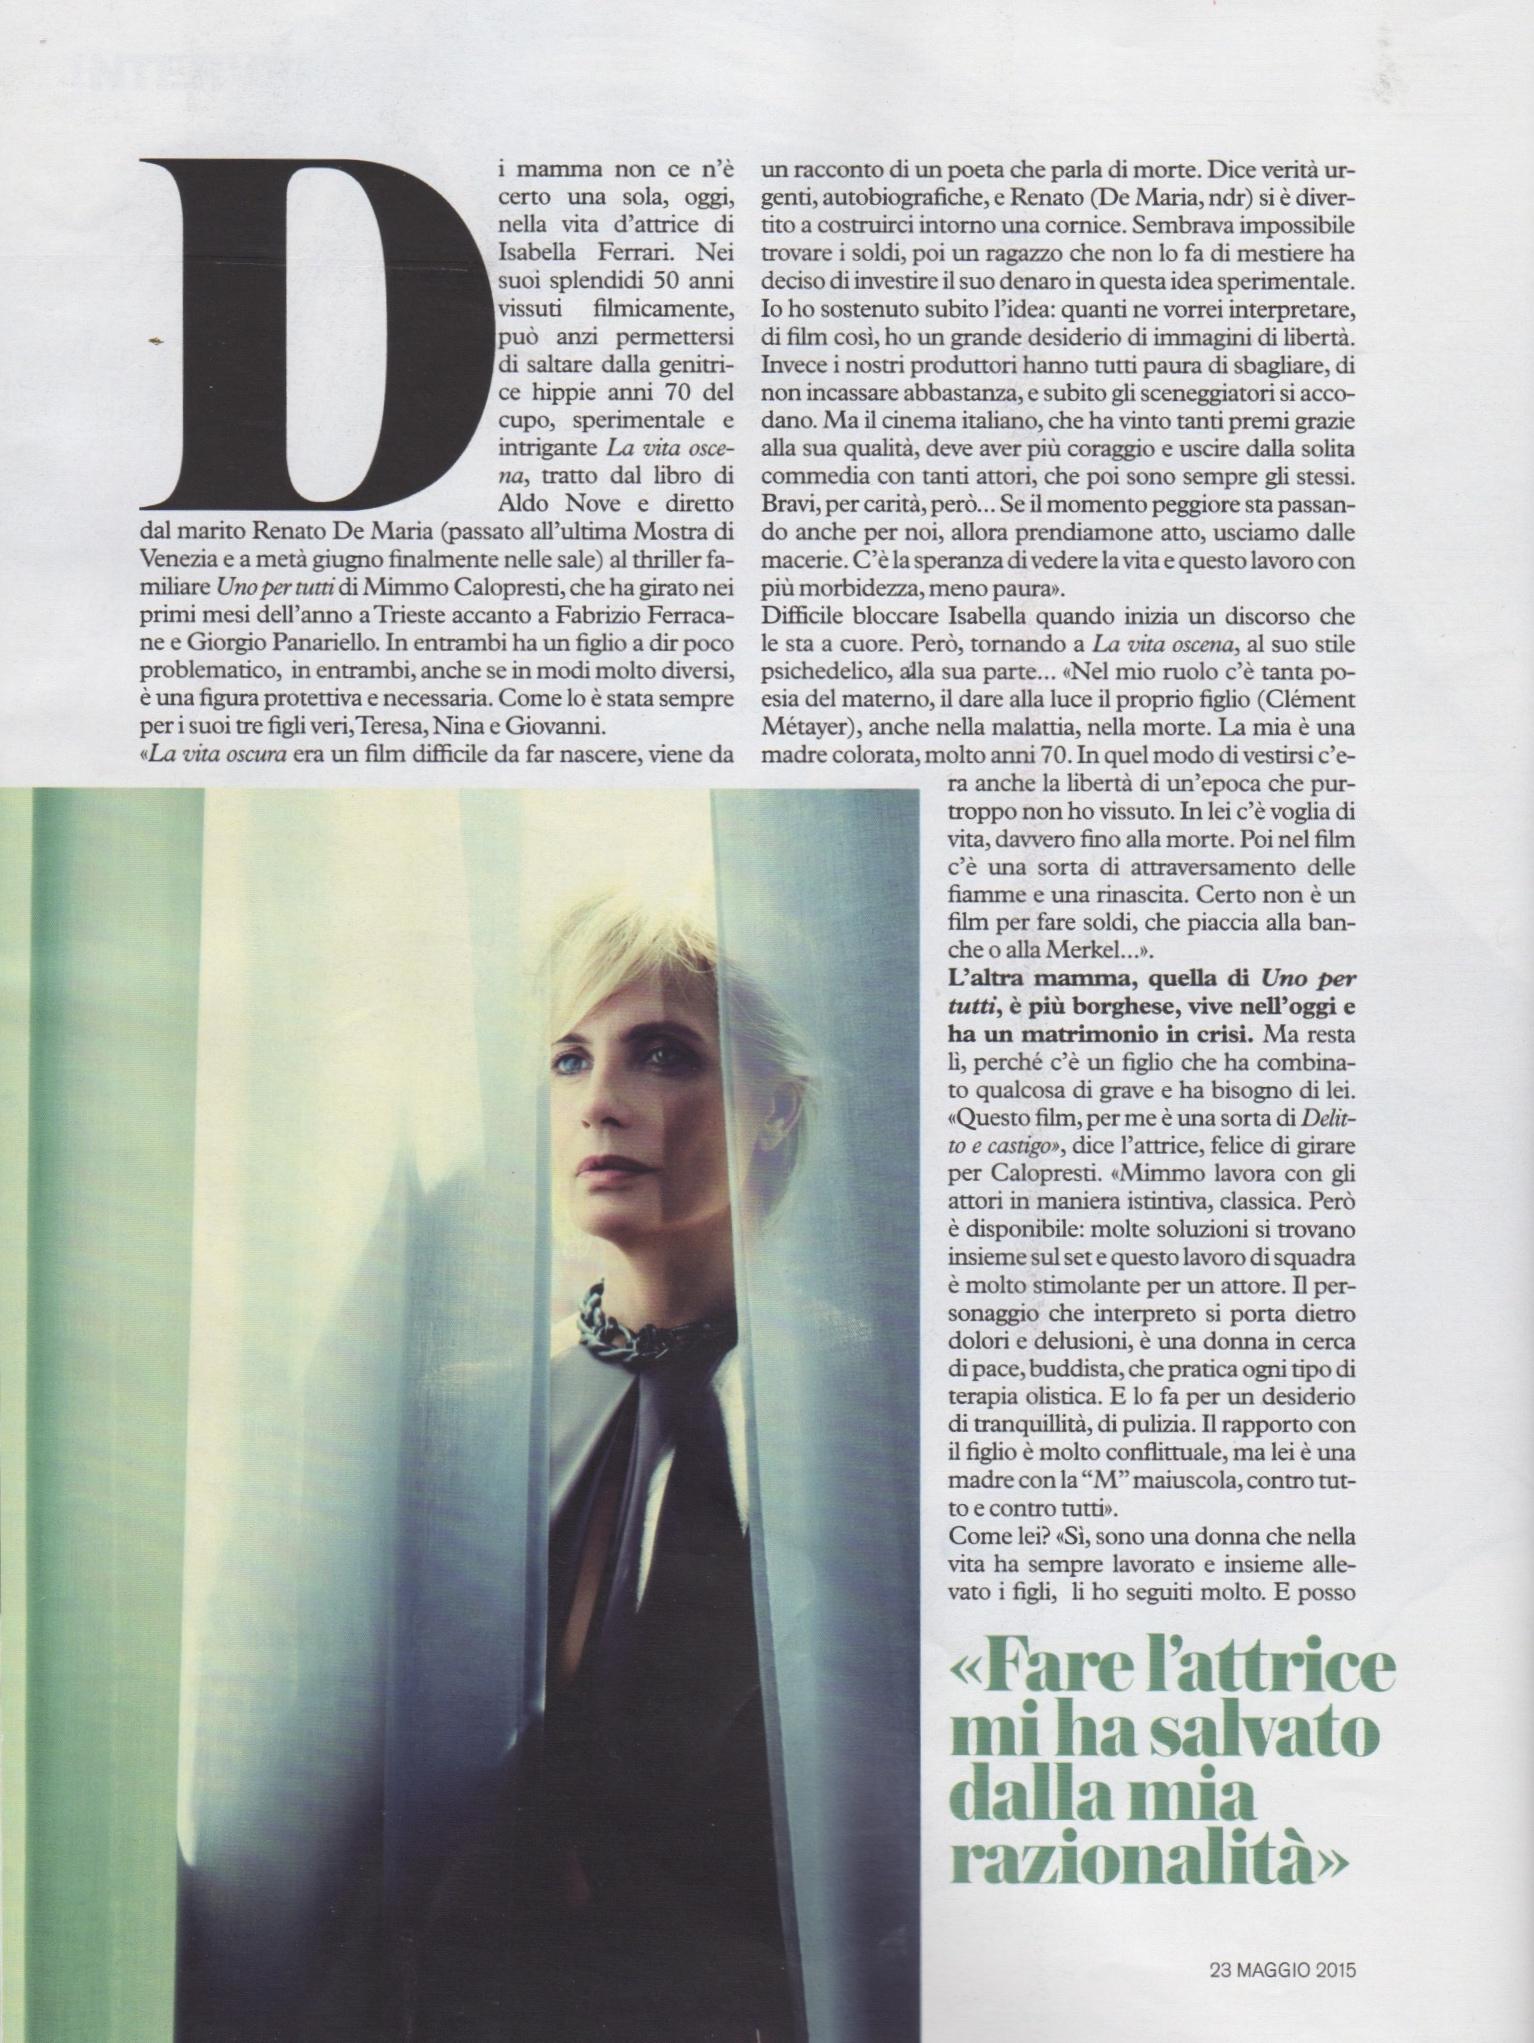 Isabella Ferrari D di Repubblica 23-5-2015 2